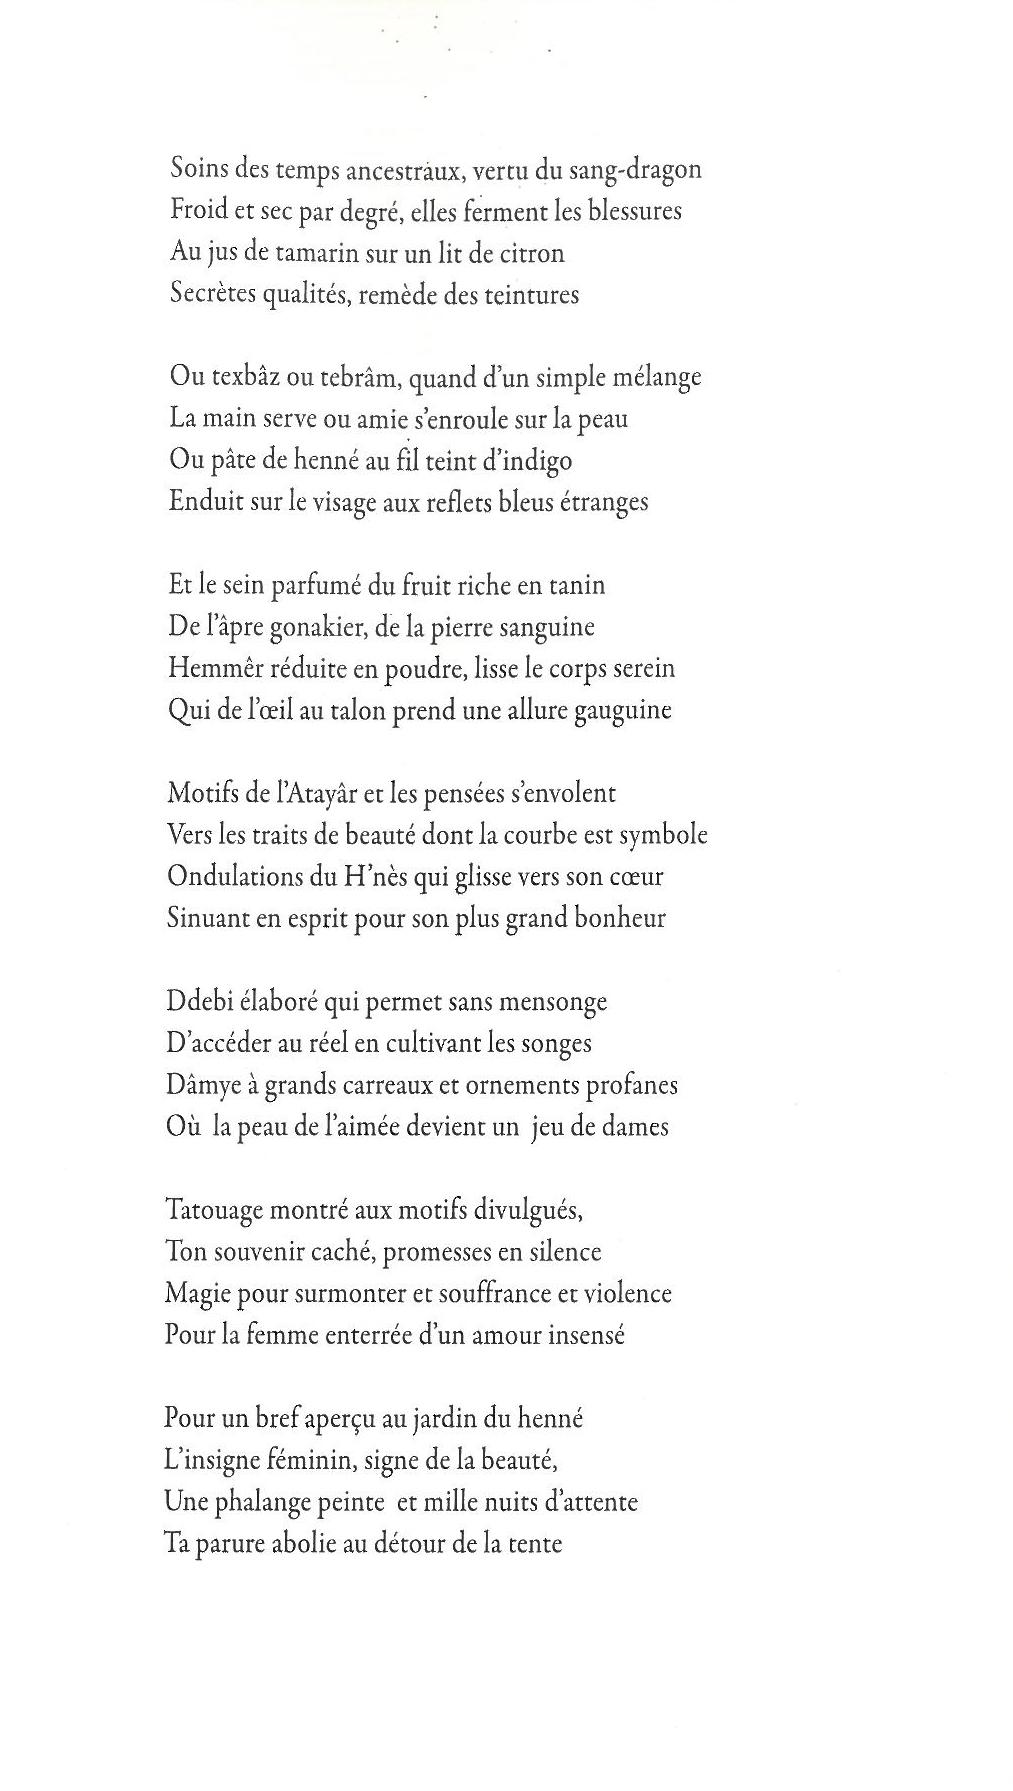 Poème du henné-2